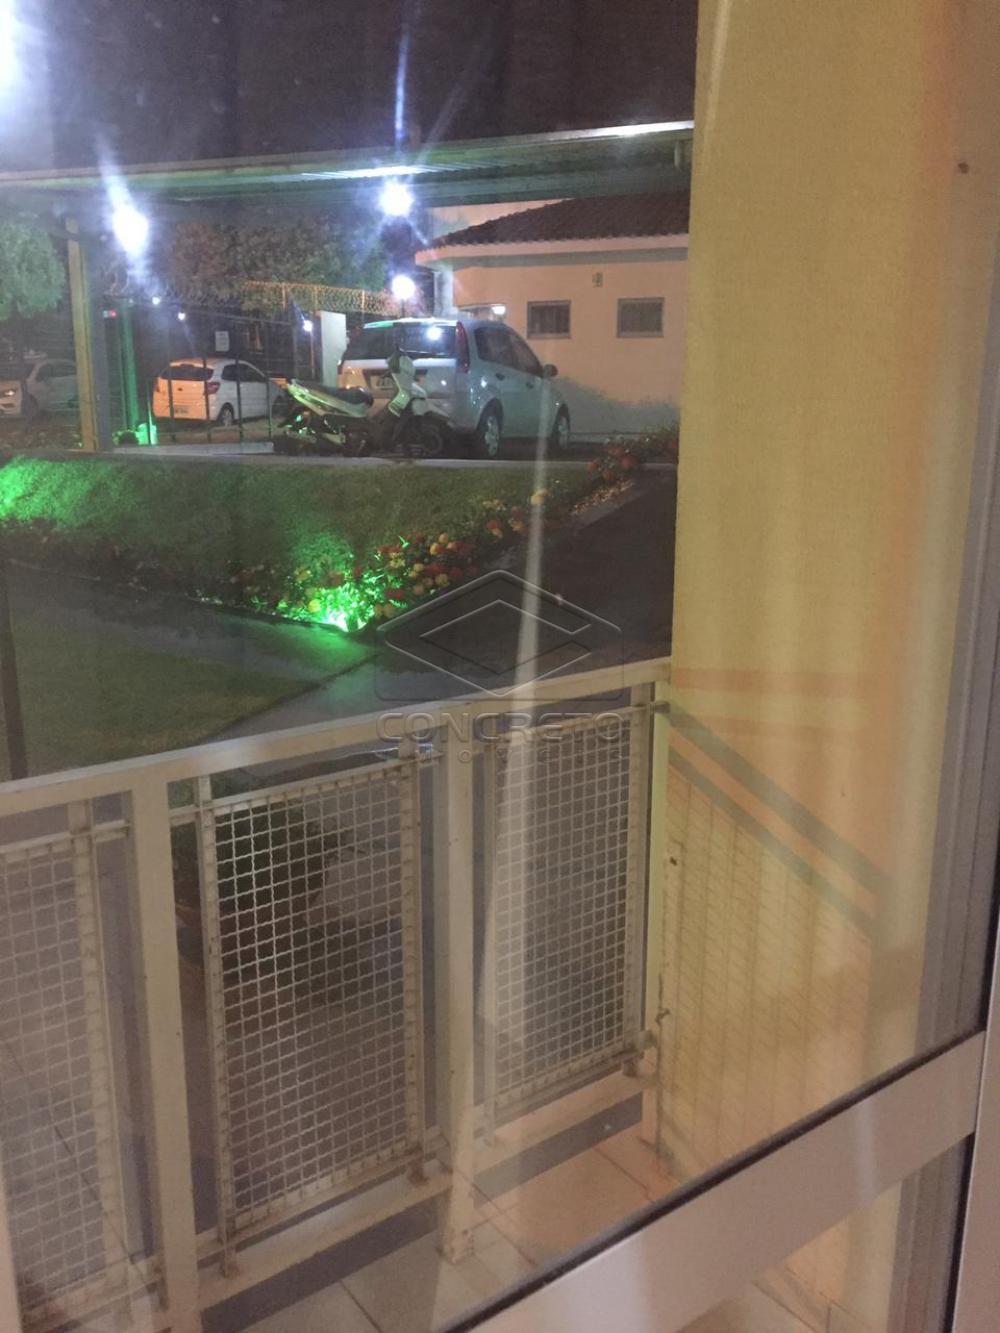 Comprar Apartamento / Padrão em Bauru apenas R$ 165.000,00 - Foto 1